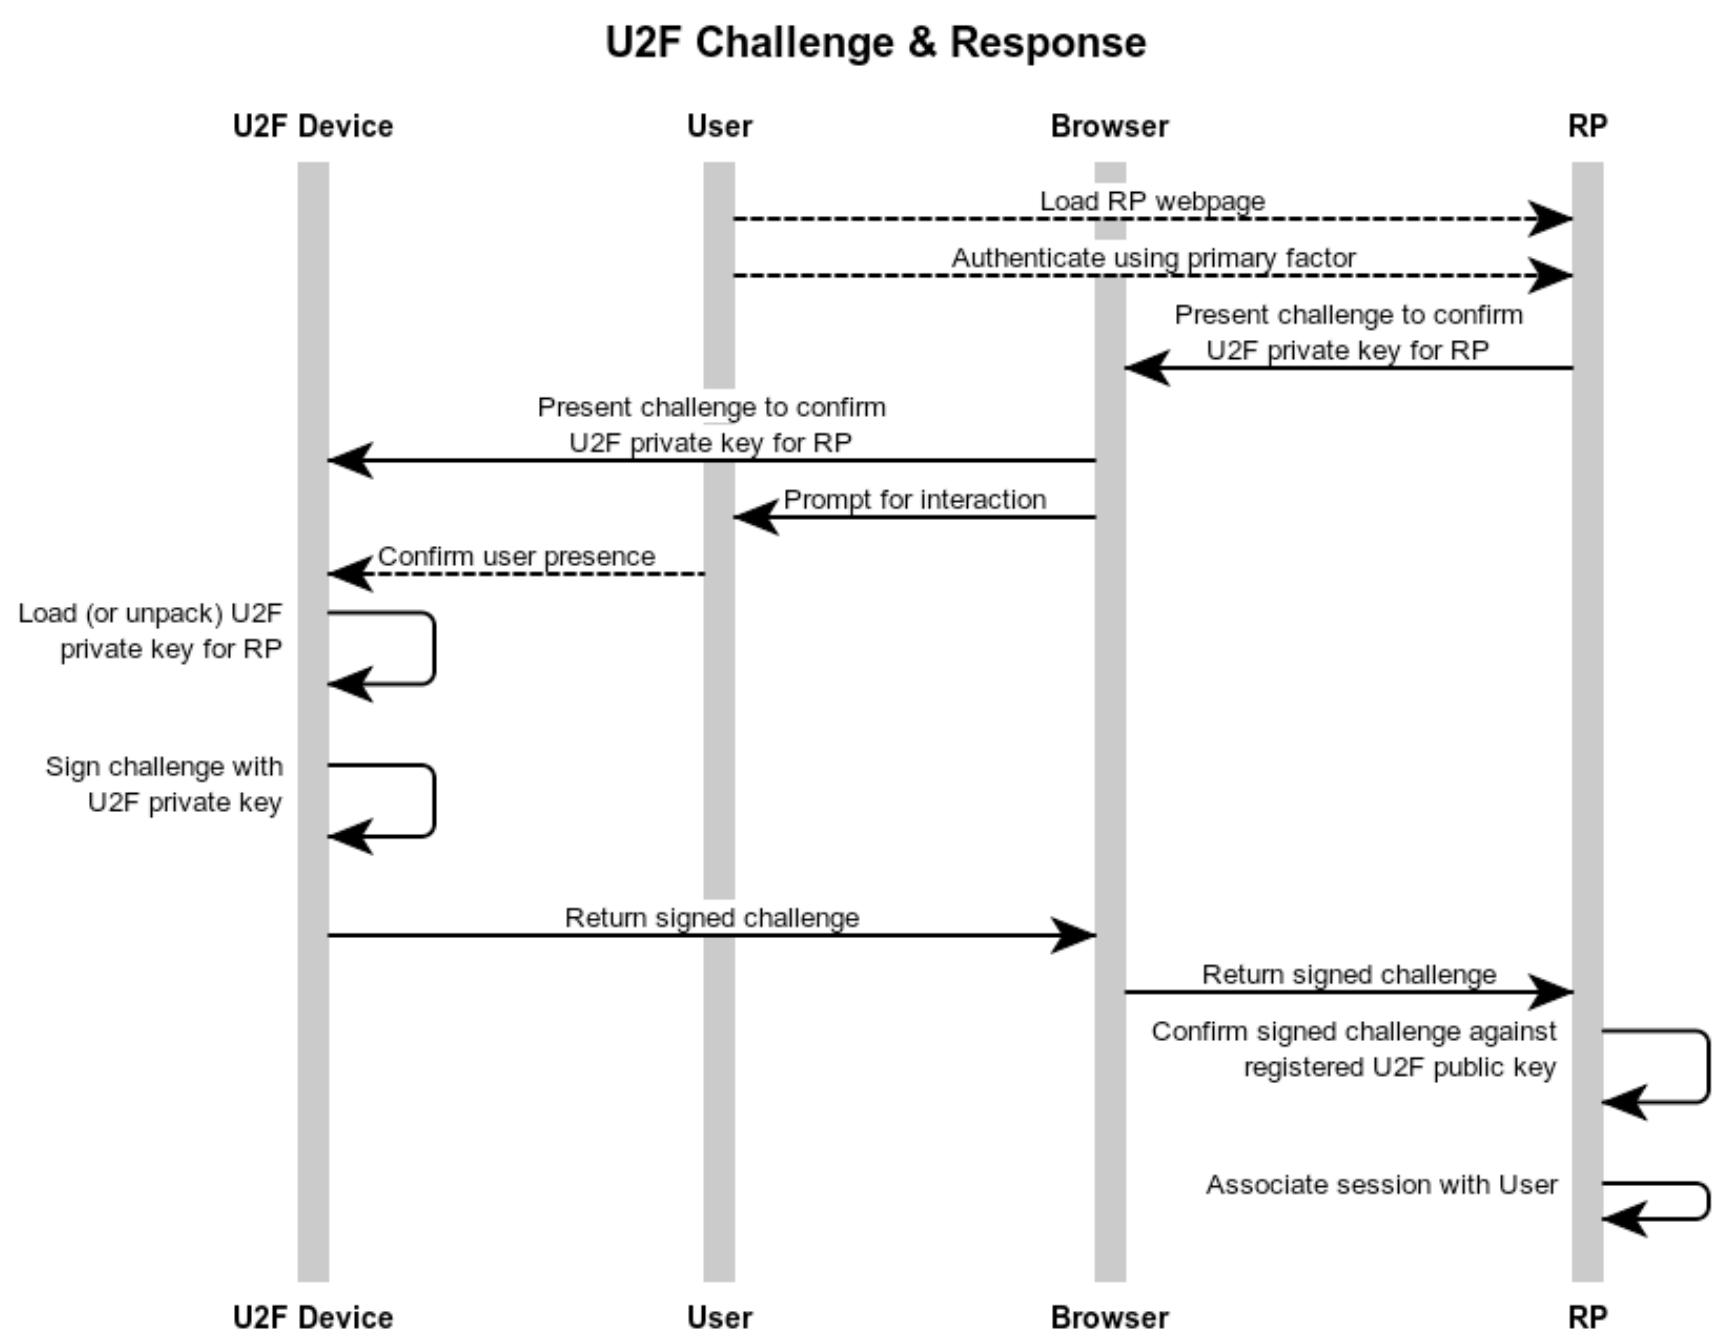 使用U2F设备验证用户身份